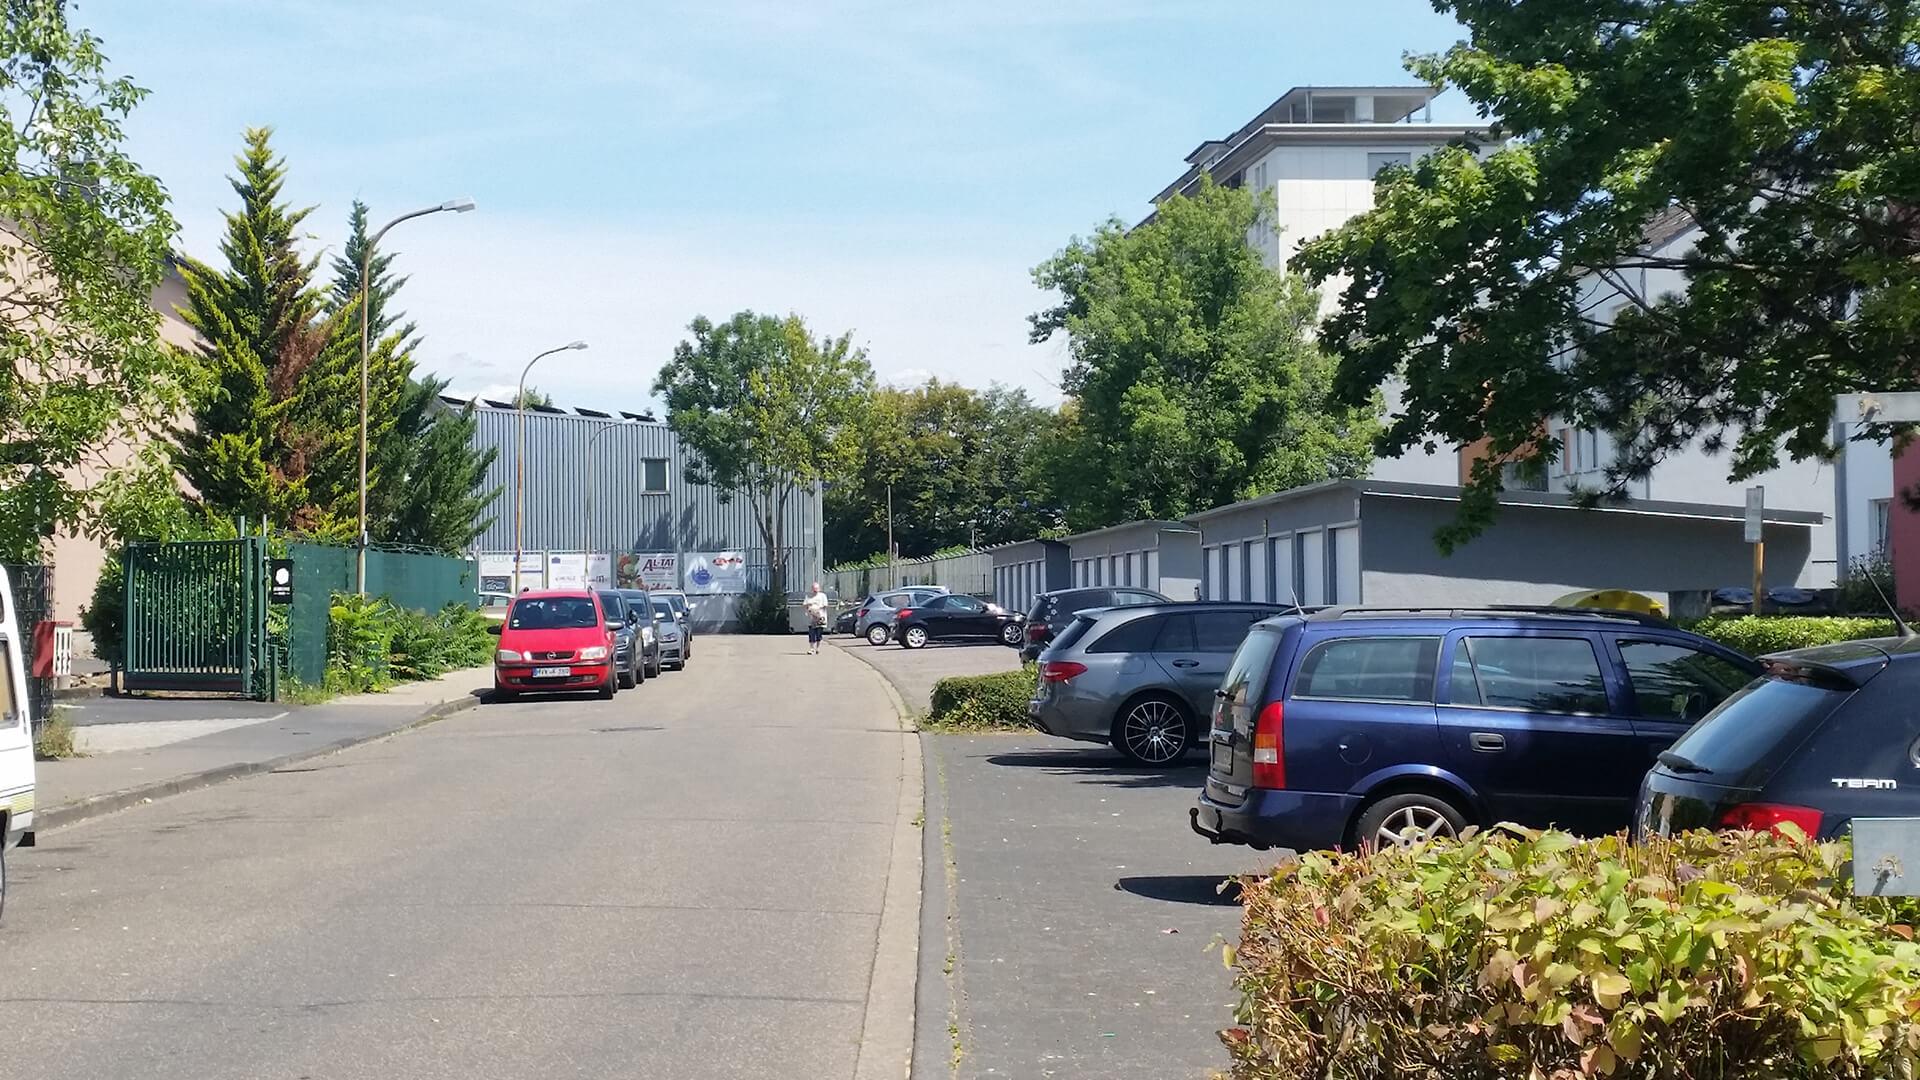 koblenz-luetzel-projekte-handlungsfelder-2-3-4a